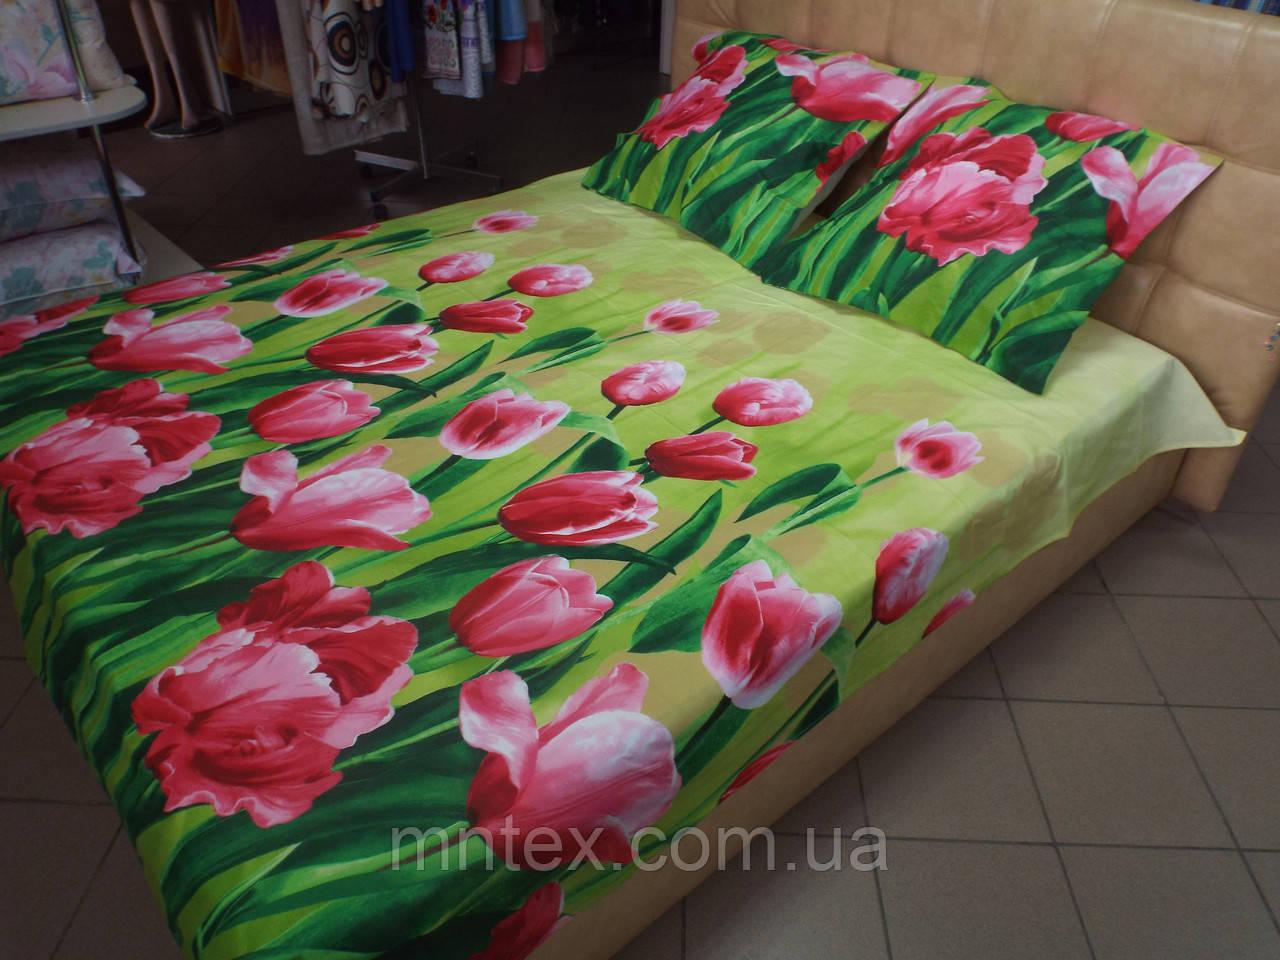 Постельное белье бязь премиум  Тюльпаны